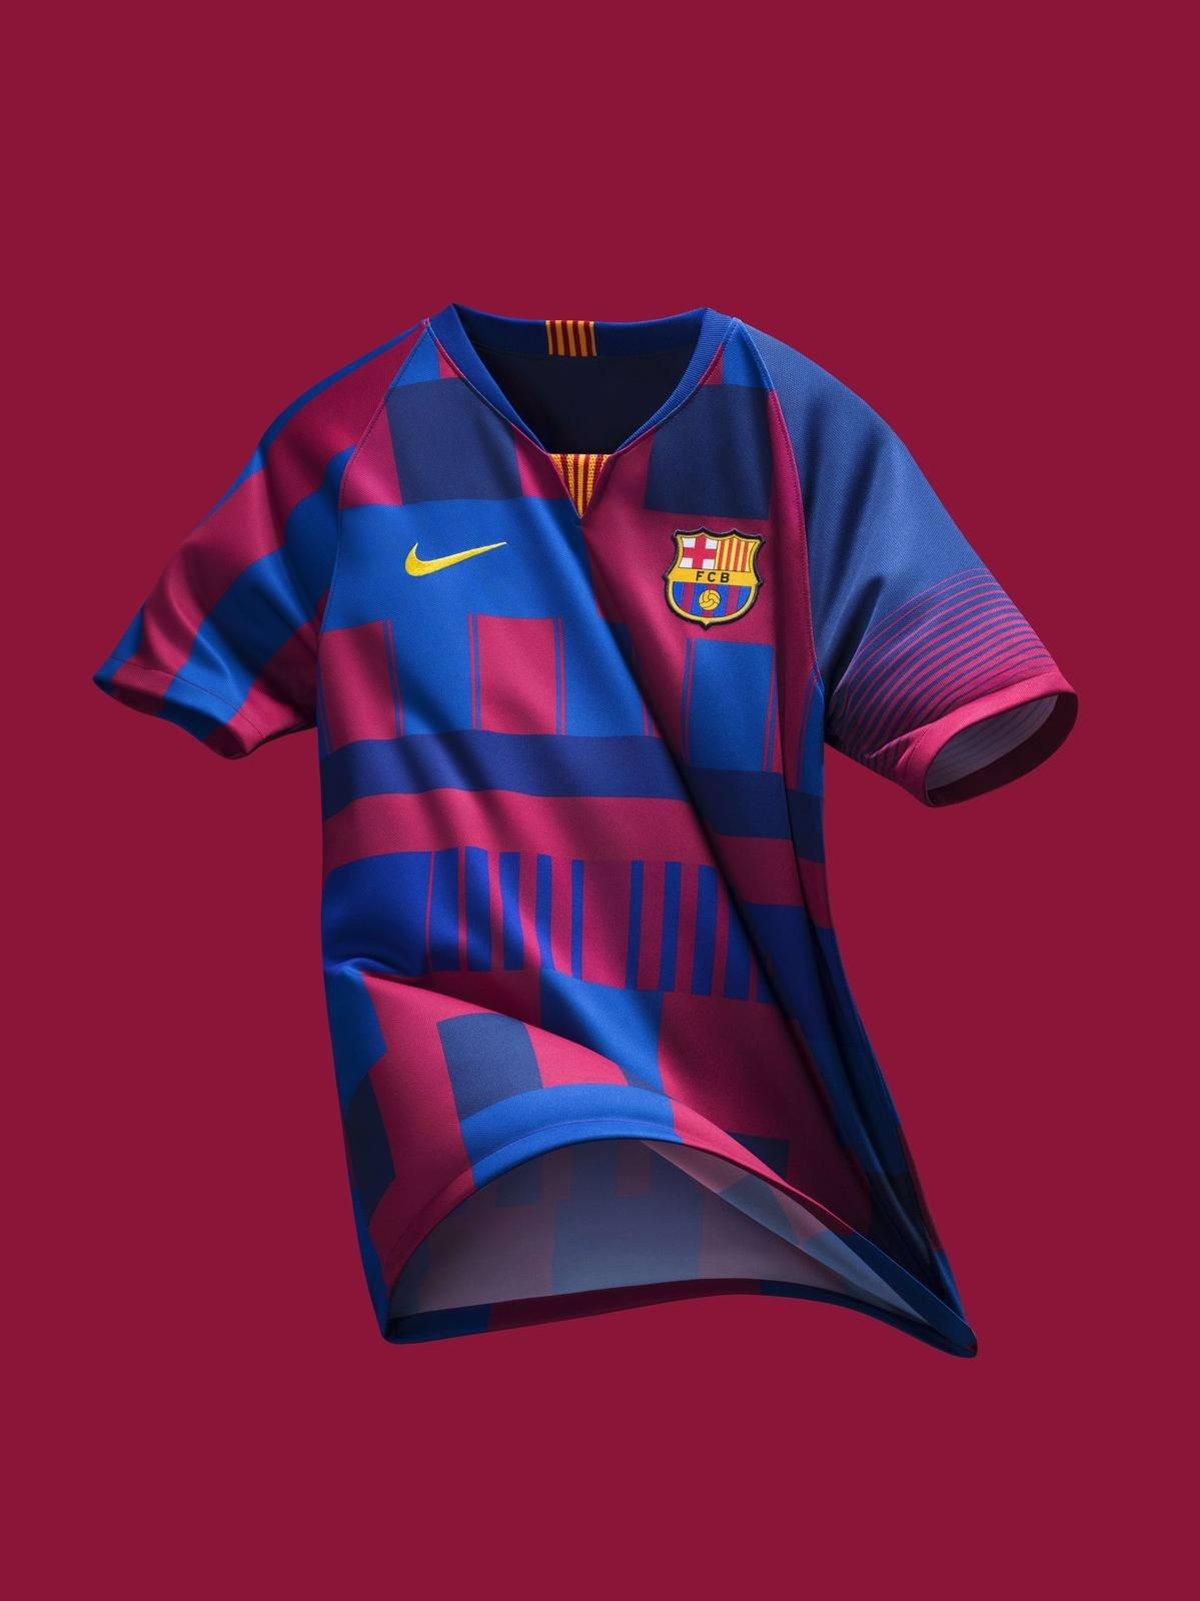 f801c987f Nike fusiona las 20 camisetas del Barça en una pieza conmemorativa